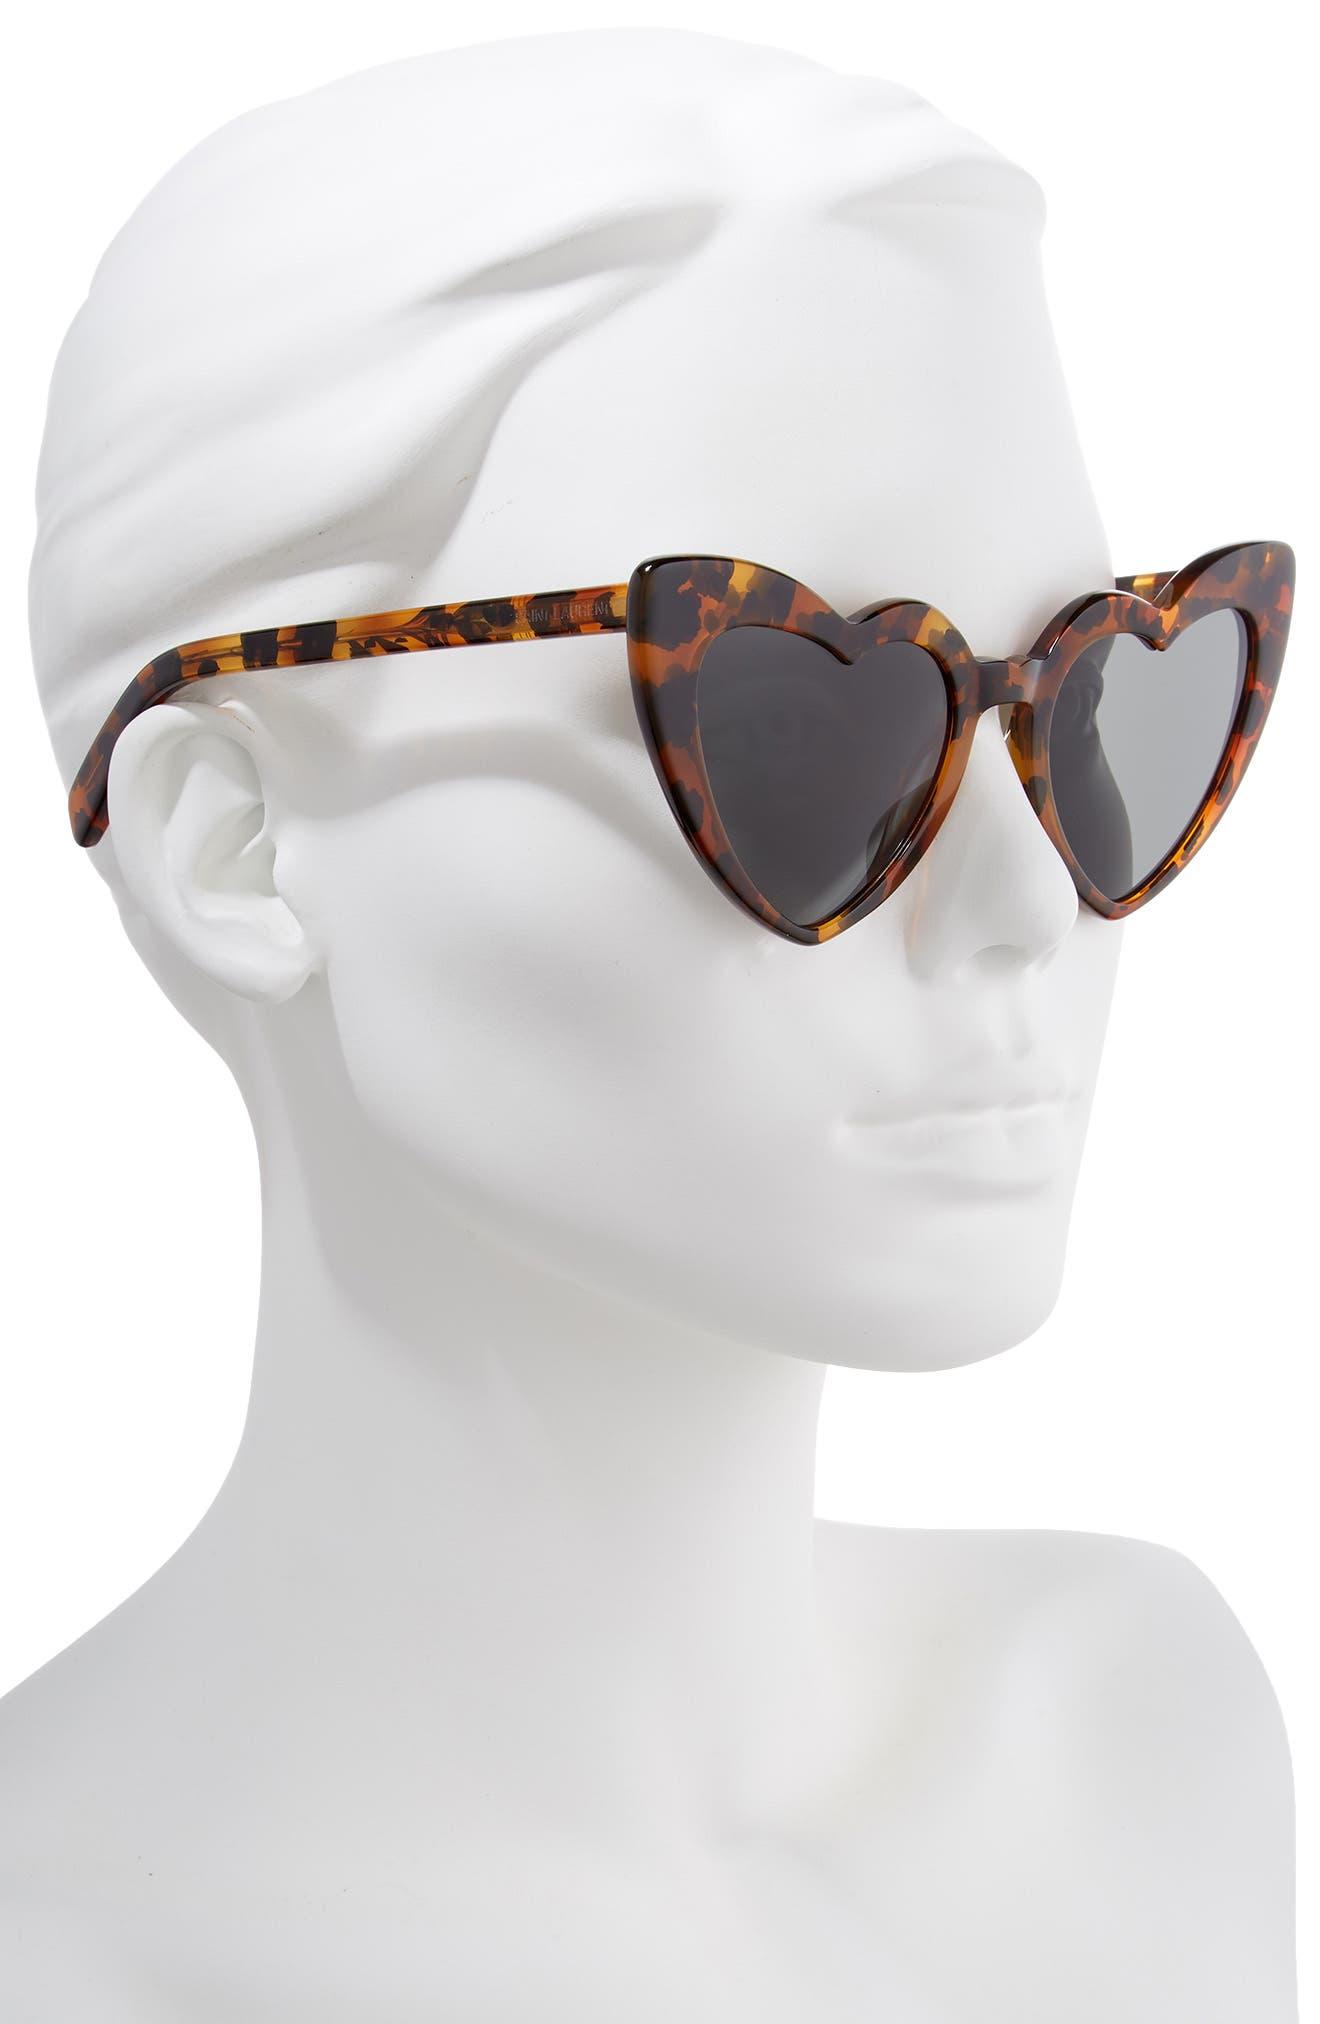 SAINT LAURENT,                             Loulou 54mm Heart Sunglasses,                             Alternate thumbnail 2, color,                             LEOPARD HAVANA/ GREY